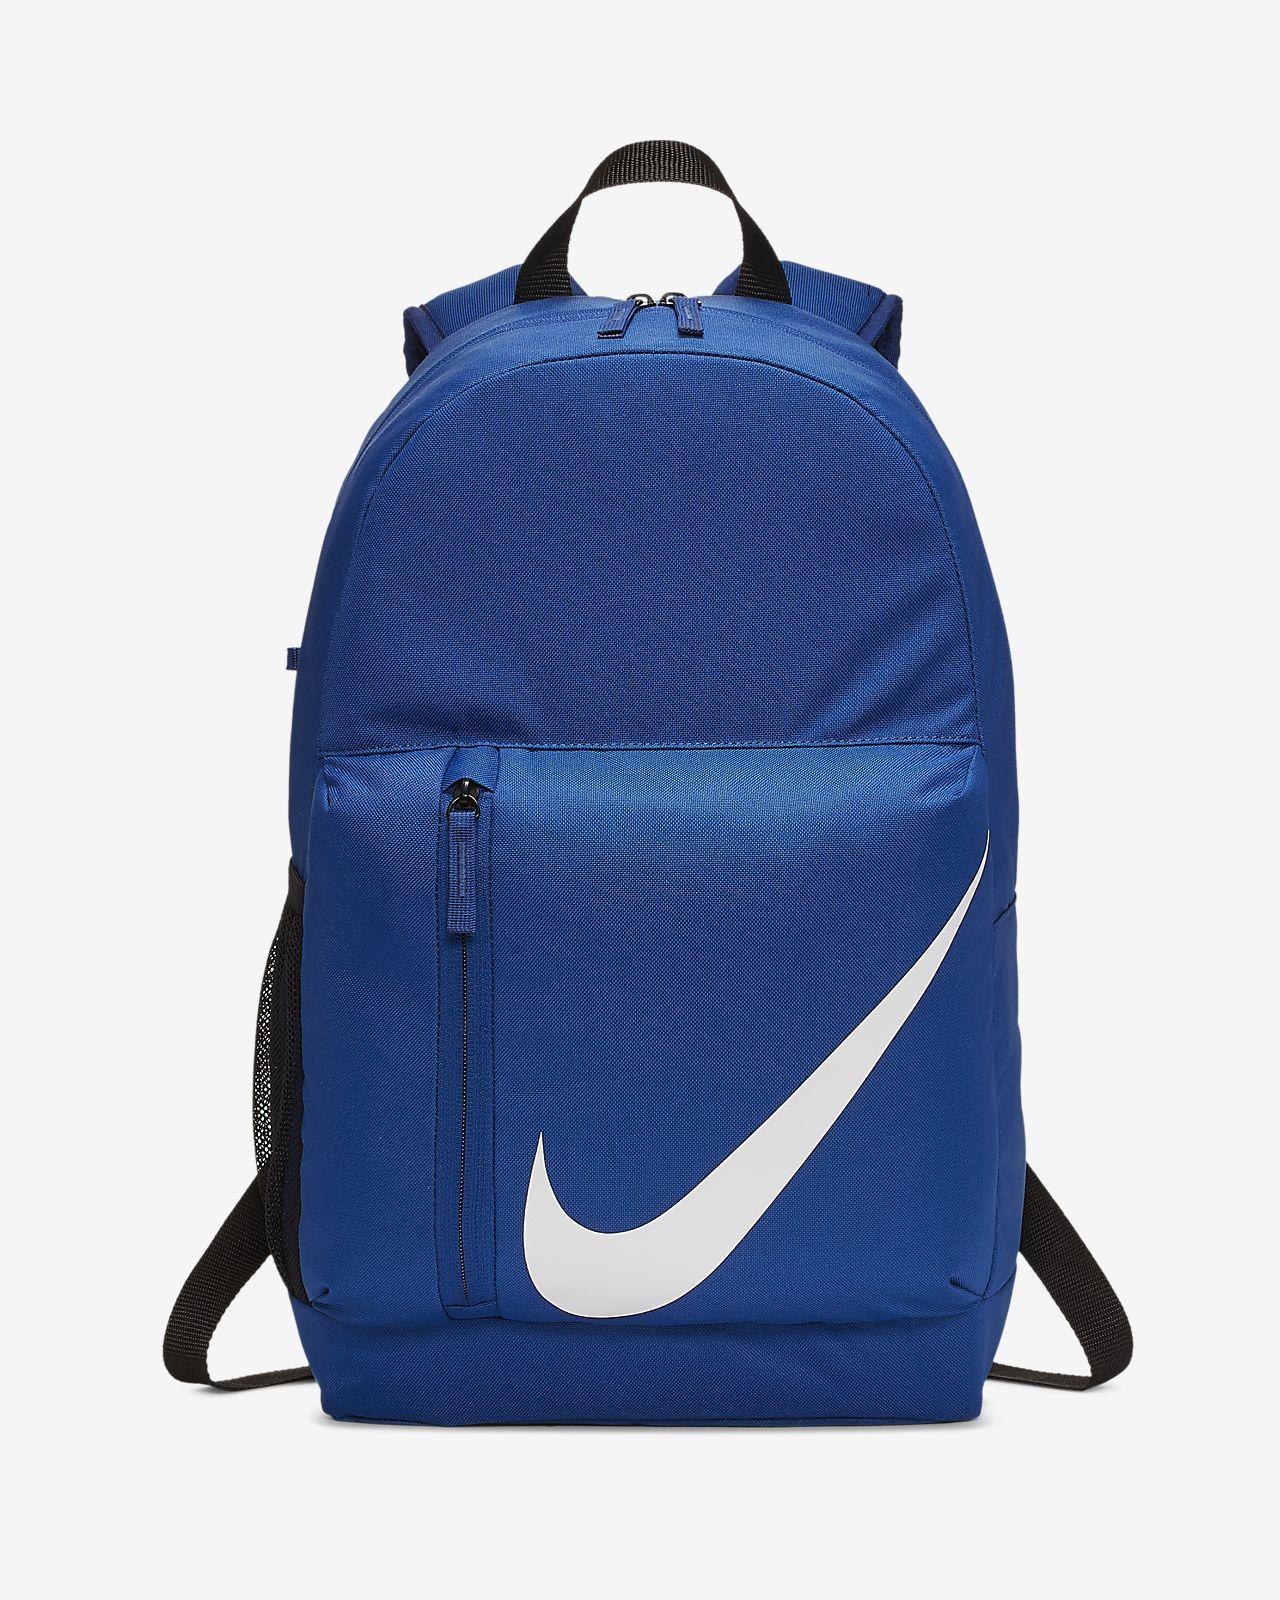 bacf5ac77962ff Nike Elemental Kids' Backpack. Nike.com